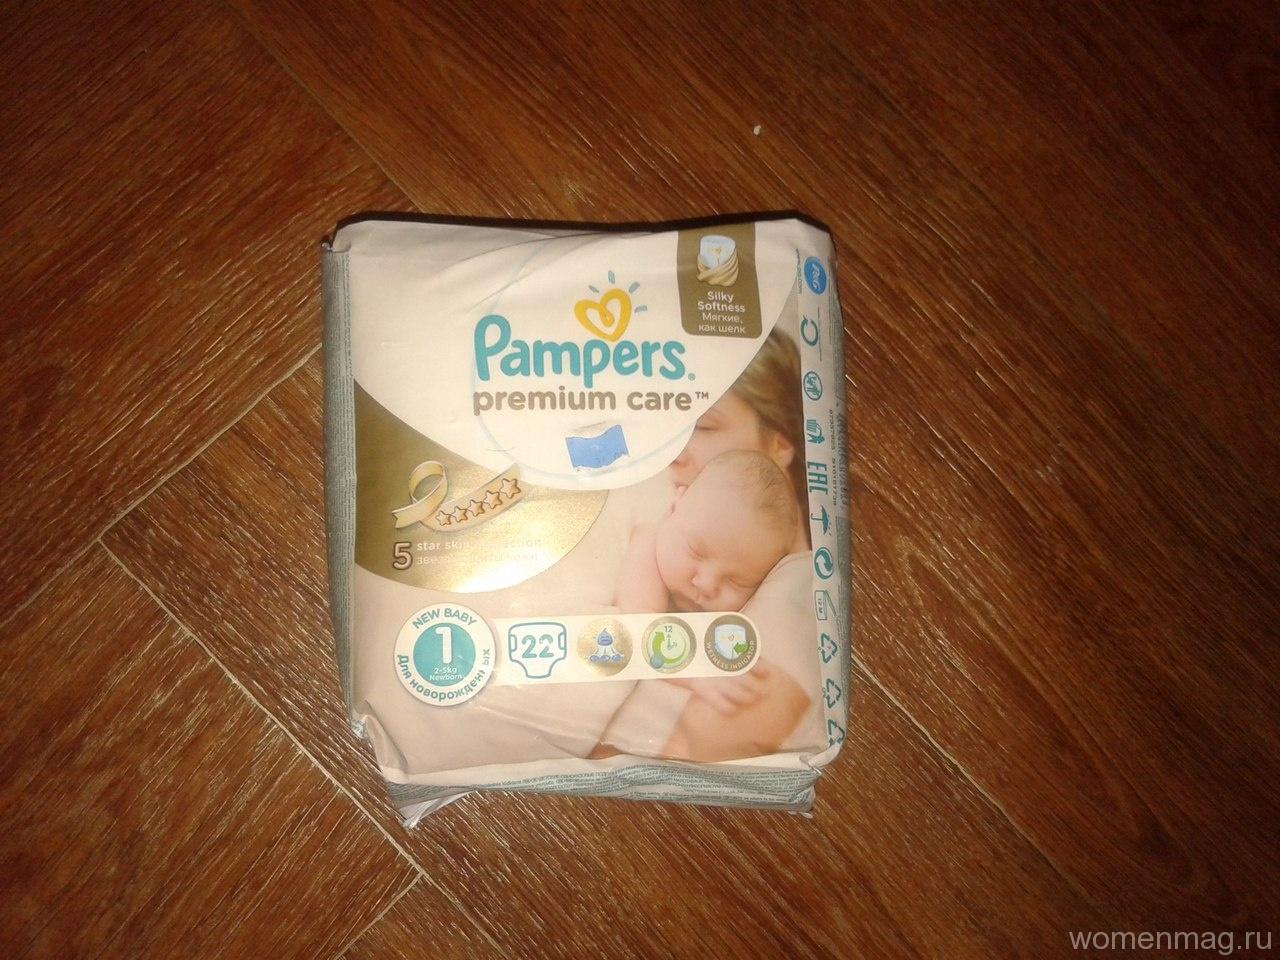 Подгузники Pampers premium care для новорожденных. Отзыв